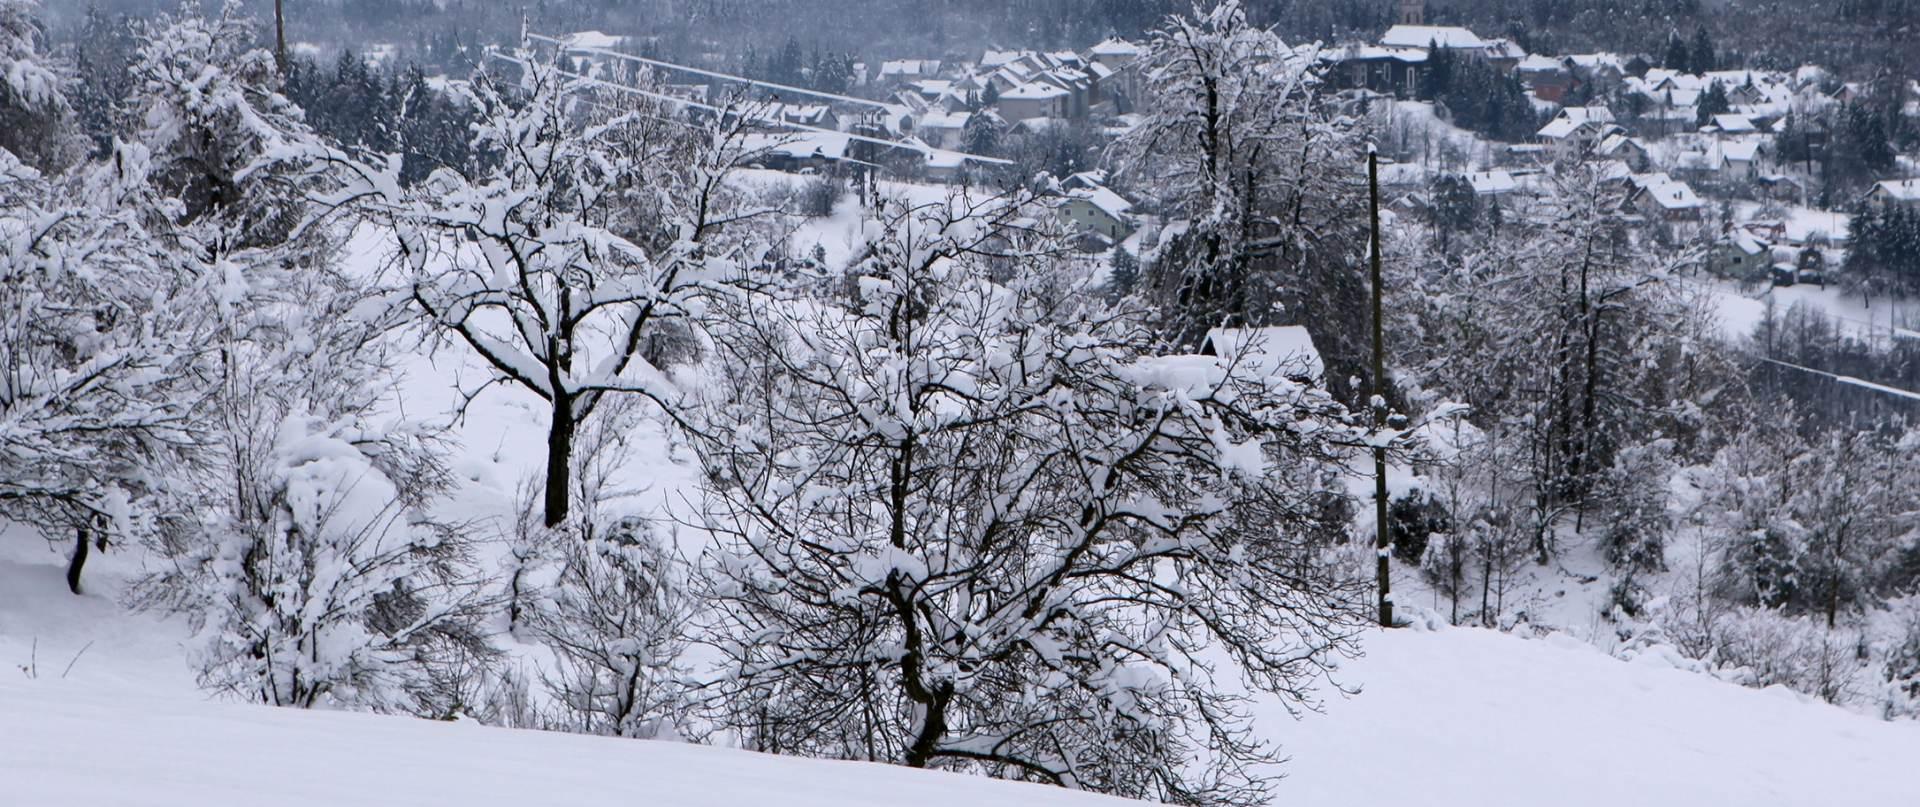 PRIPREMITE SE Sutra nas čeka osjetno zahladnjenje, moguć snijeg i susnježica